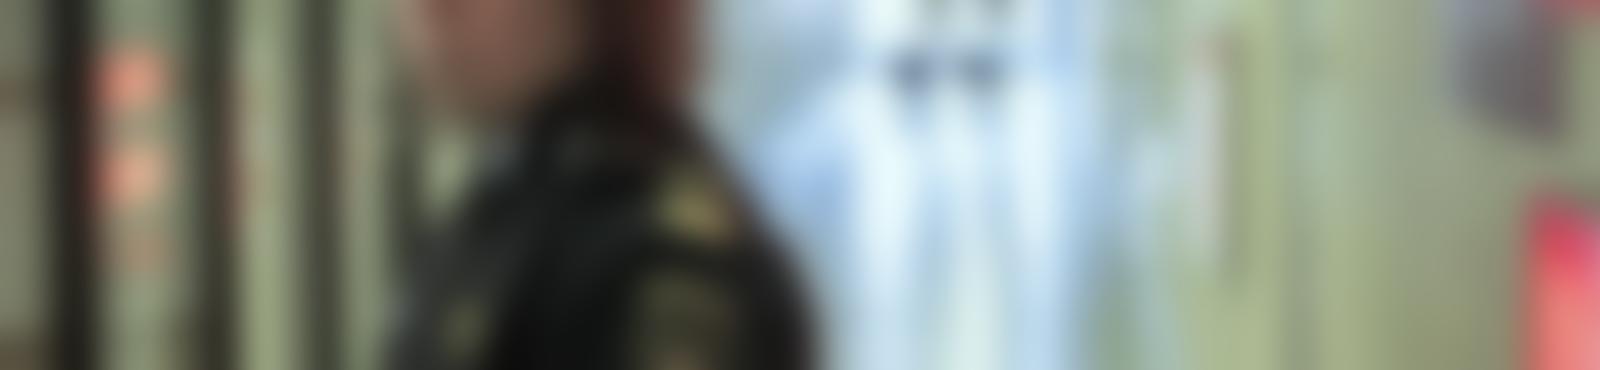 Blurred 09ddf3c7 c9d3 4403 9097 6ae1f97da753